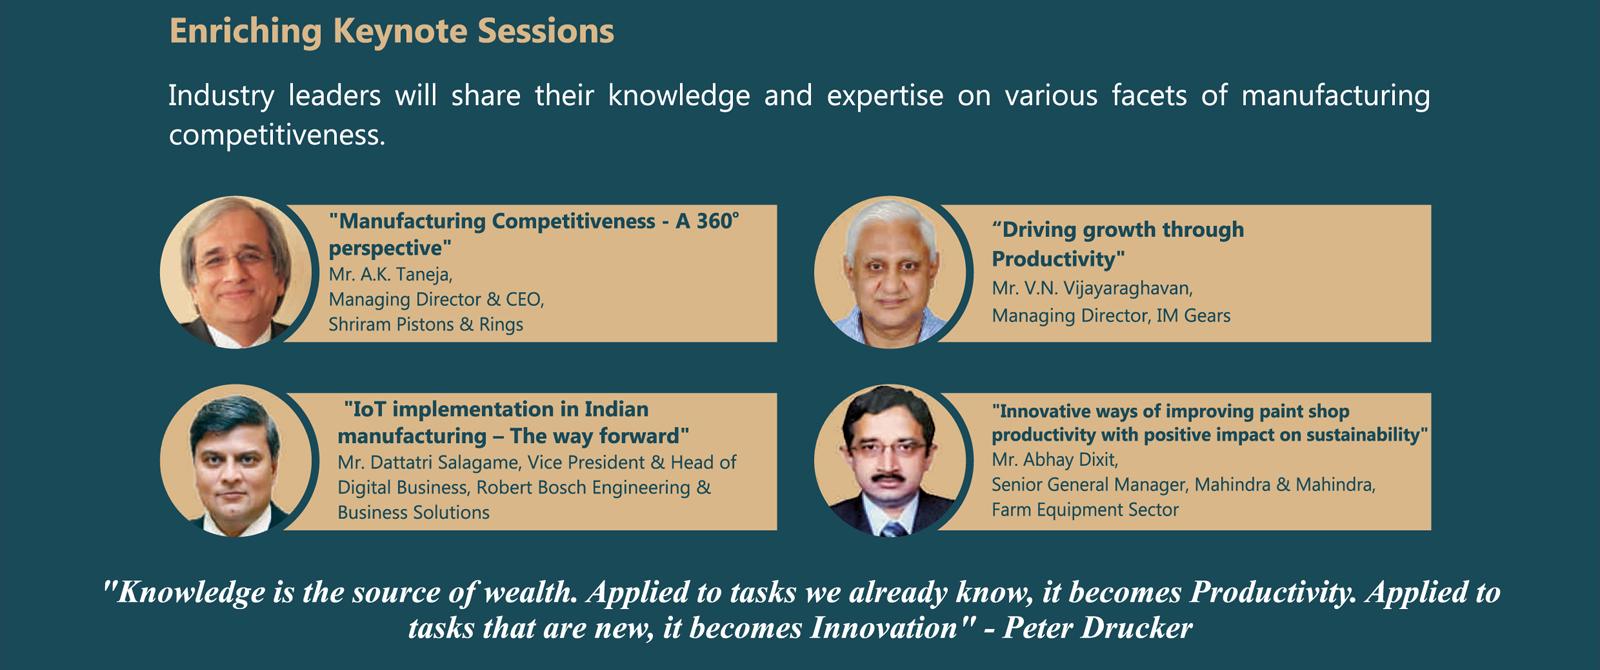 Enriching-Keynote-Sessions